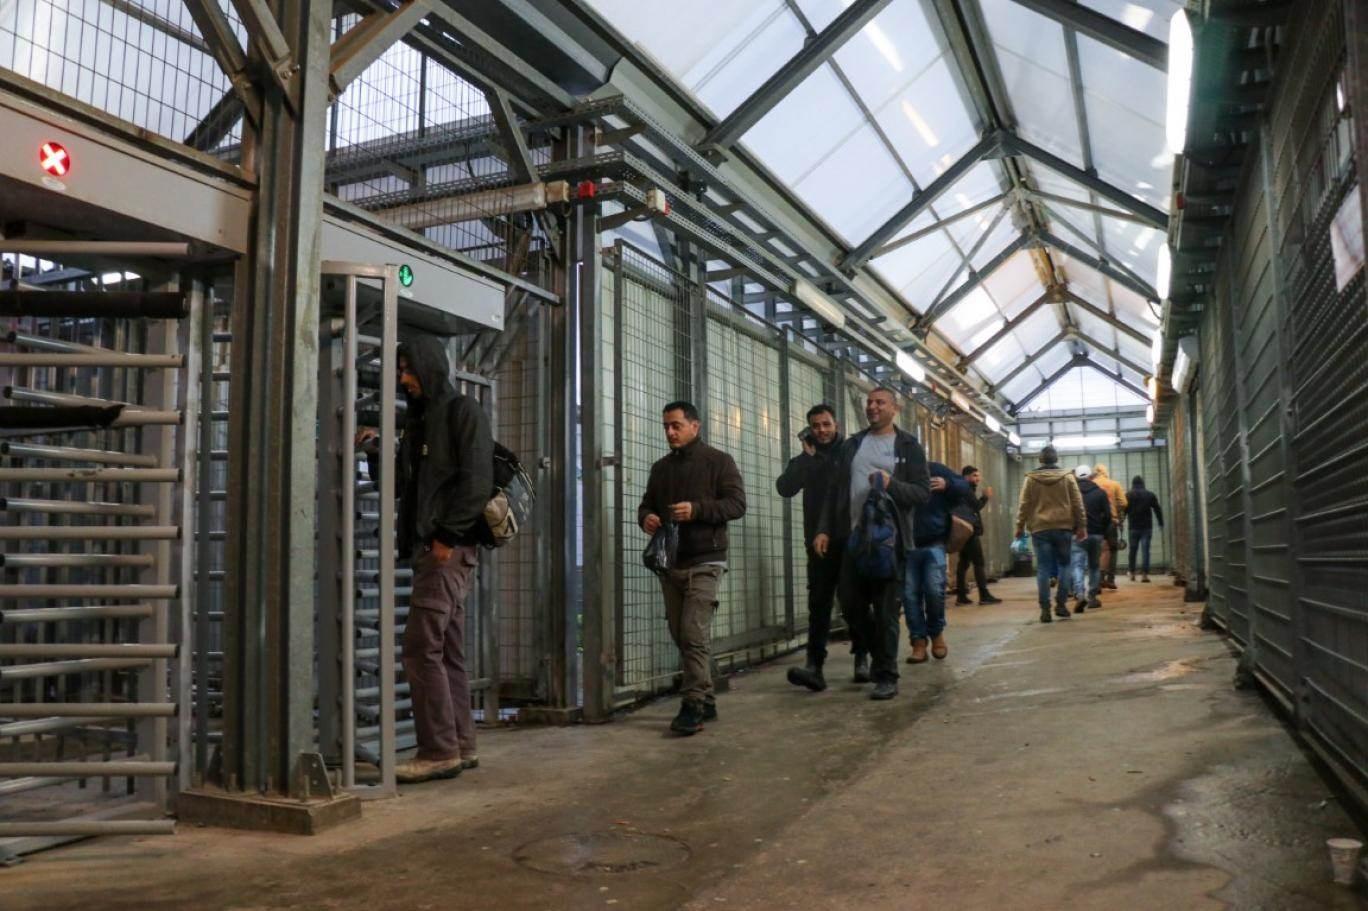 إدارة سجن مجدو تسلب الأسرى أبسط حقوقهم الأساسية